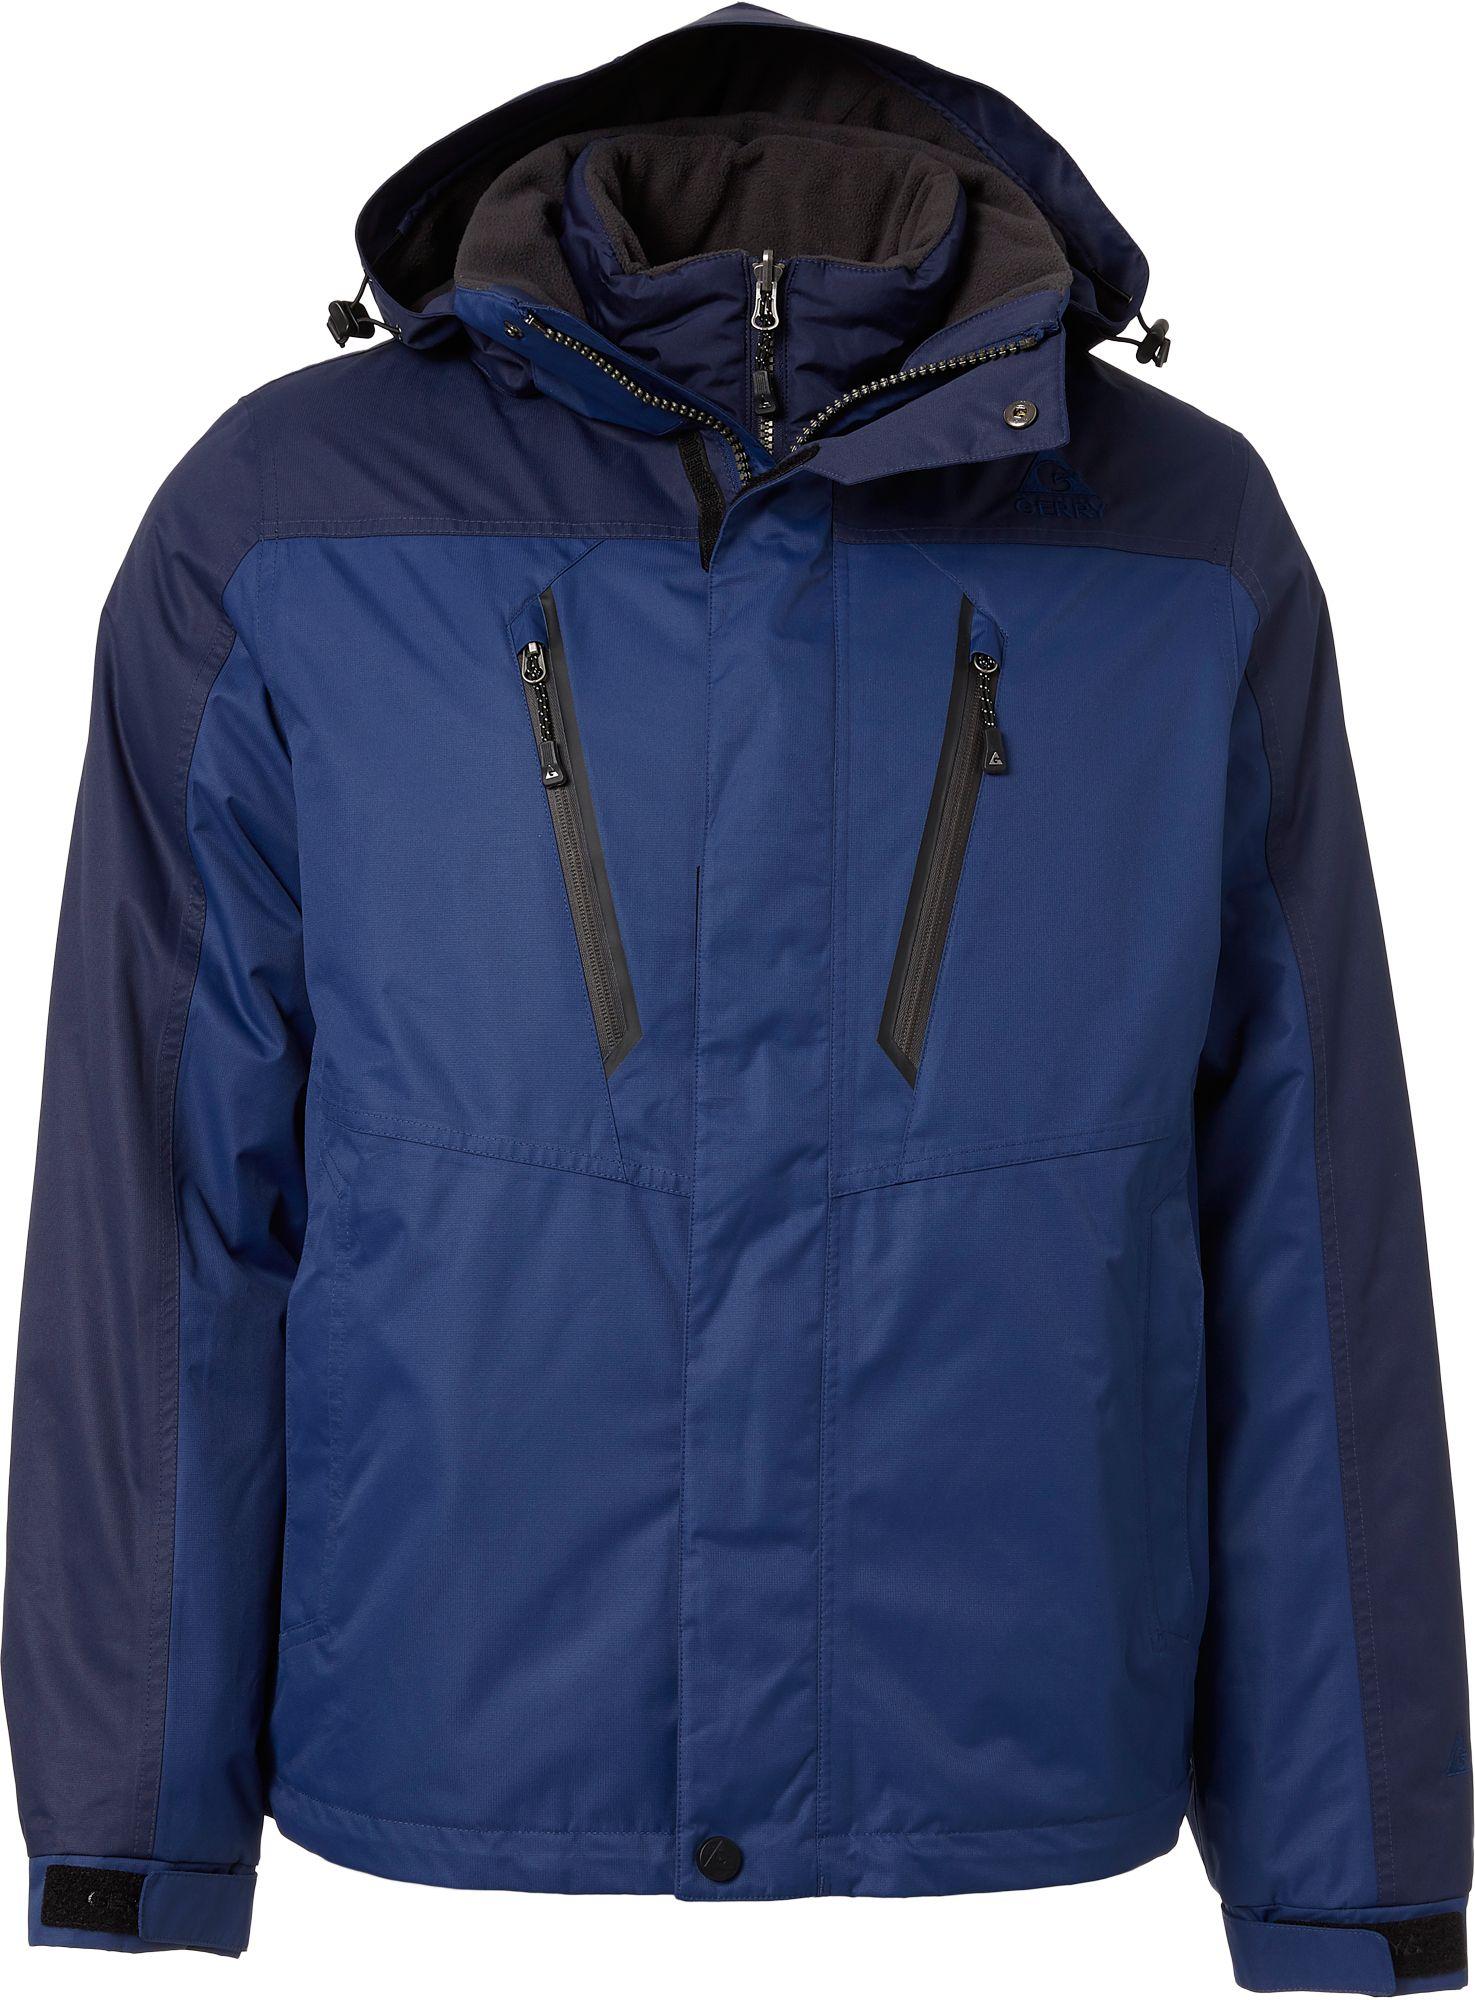 waterproof jacket product image · gerry menu0027s crusade 3-in-1 jacket vaodjfo